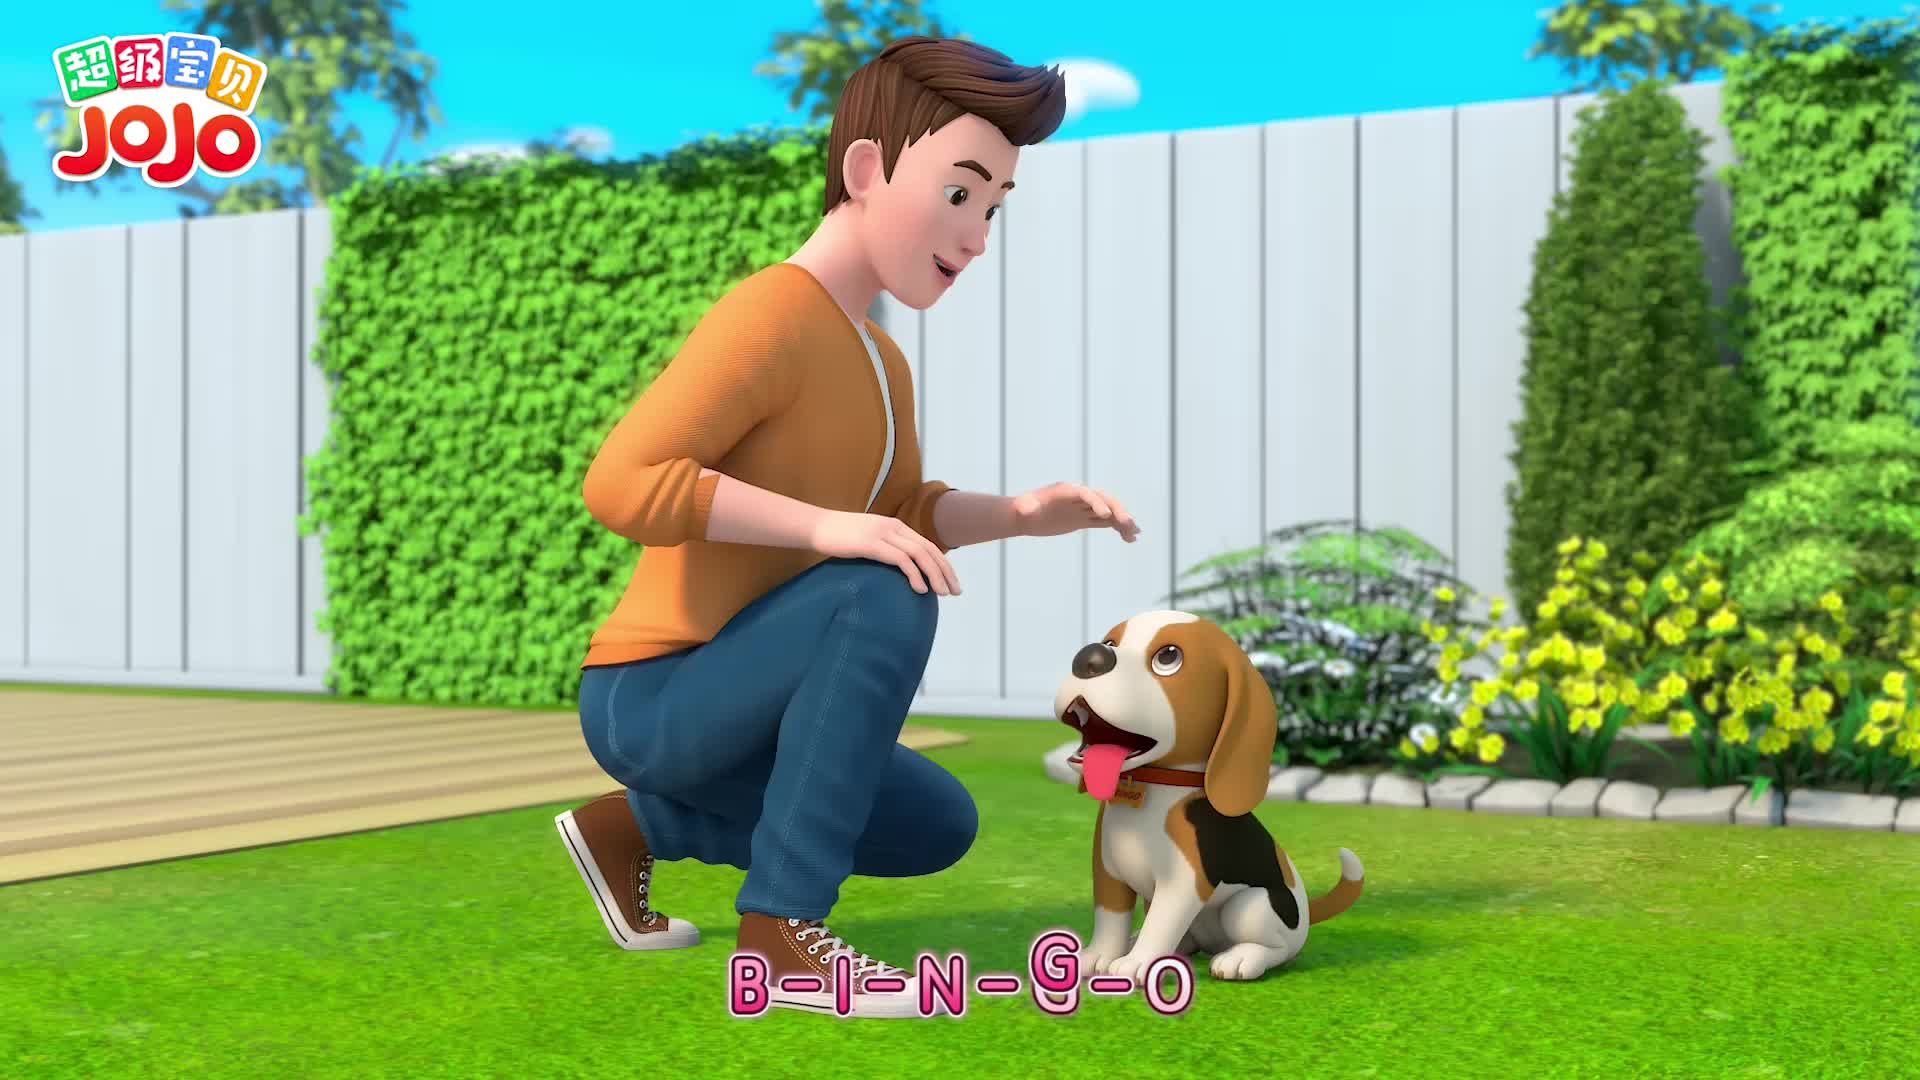 超级宝贝JOJO 第26集 Bingo